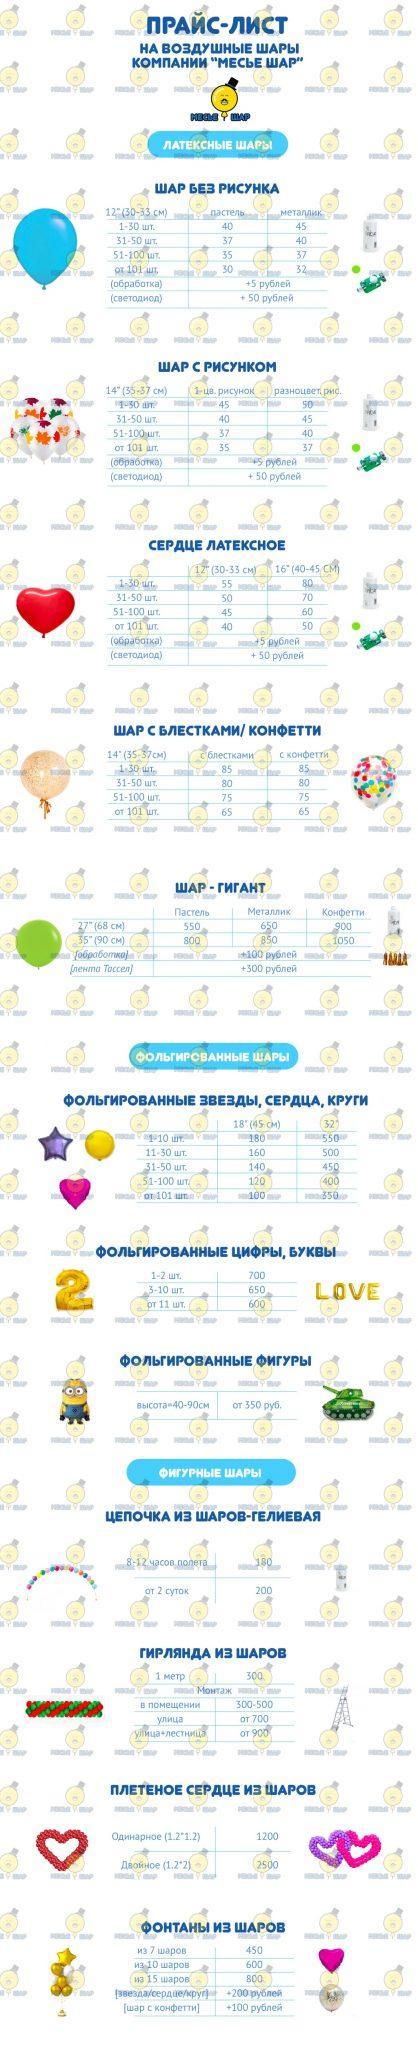 Прайс-лист на воздушные шары в Санкт-Петербурге